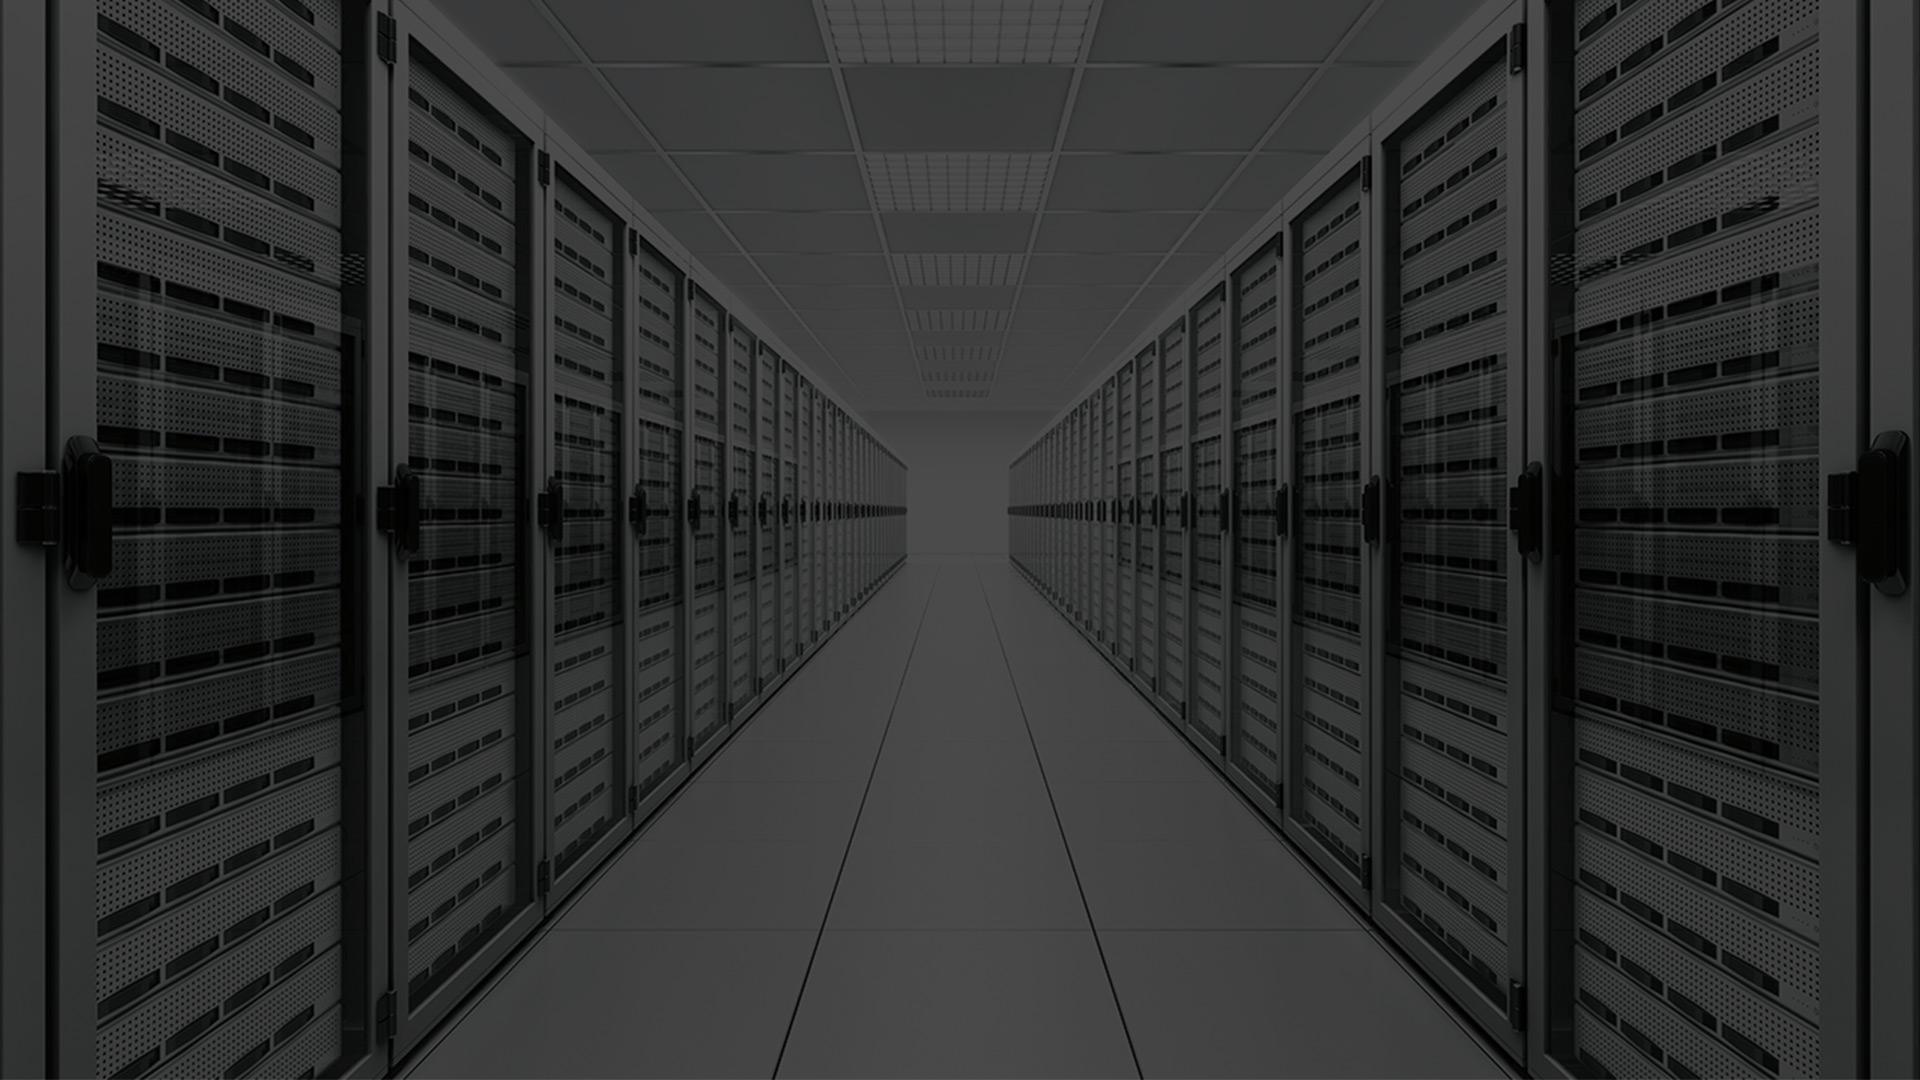 Kompleksowe rozwiązania IT dla biznesu